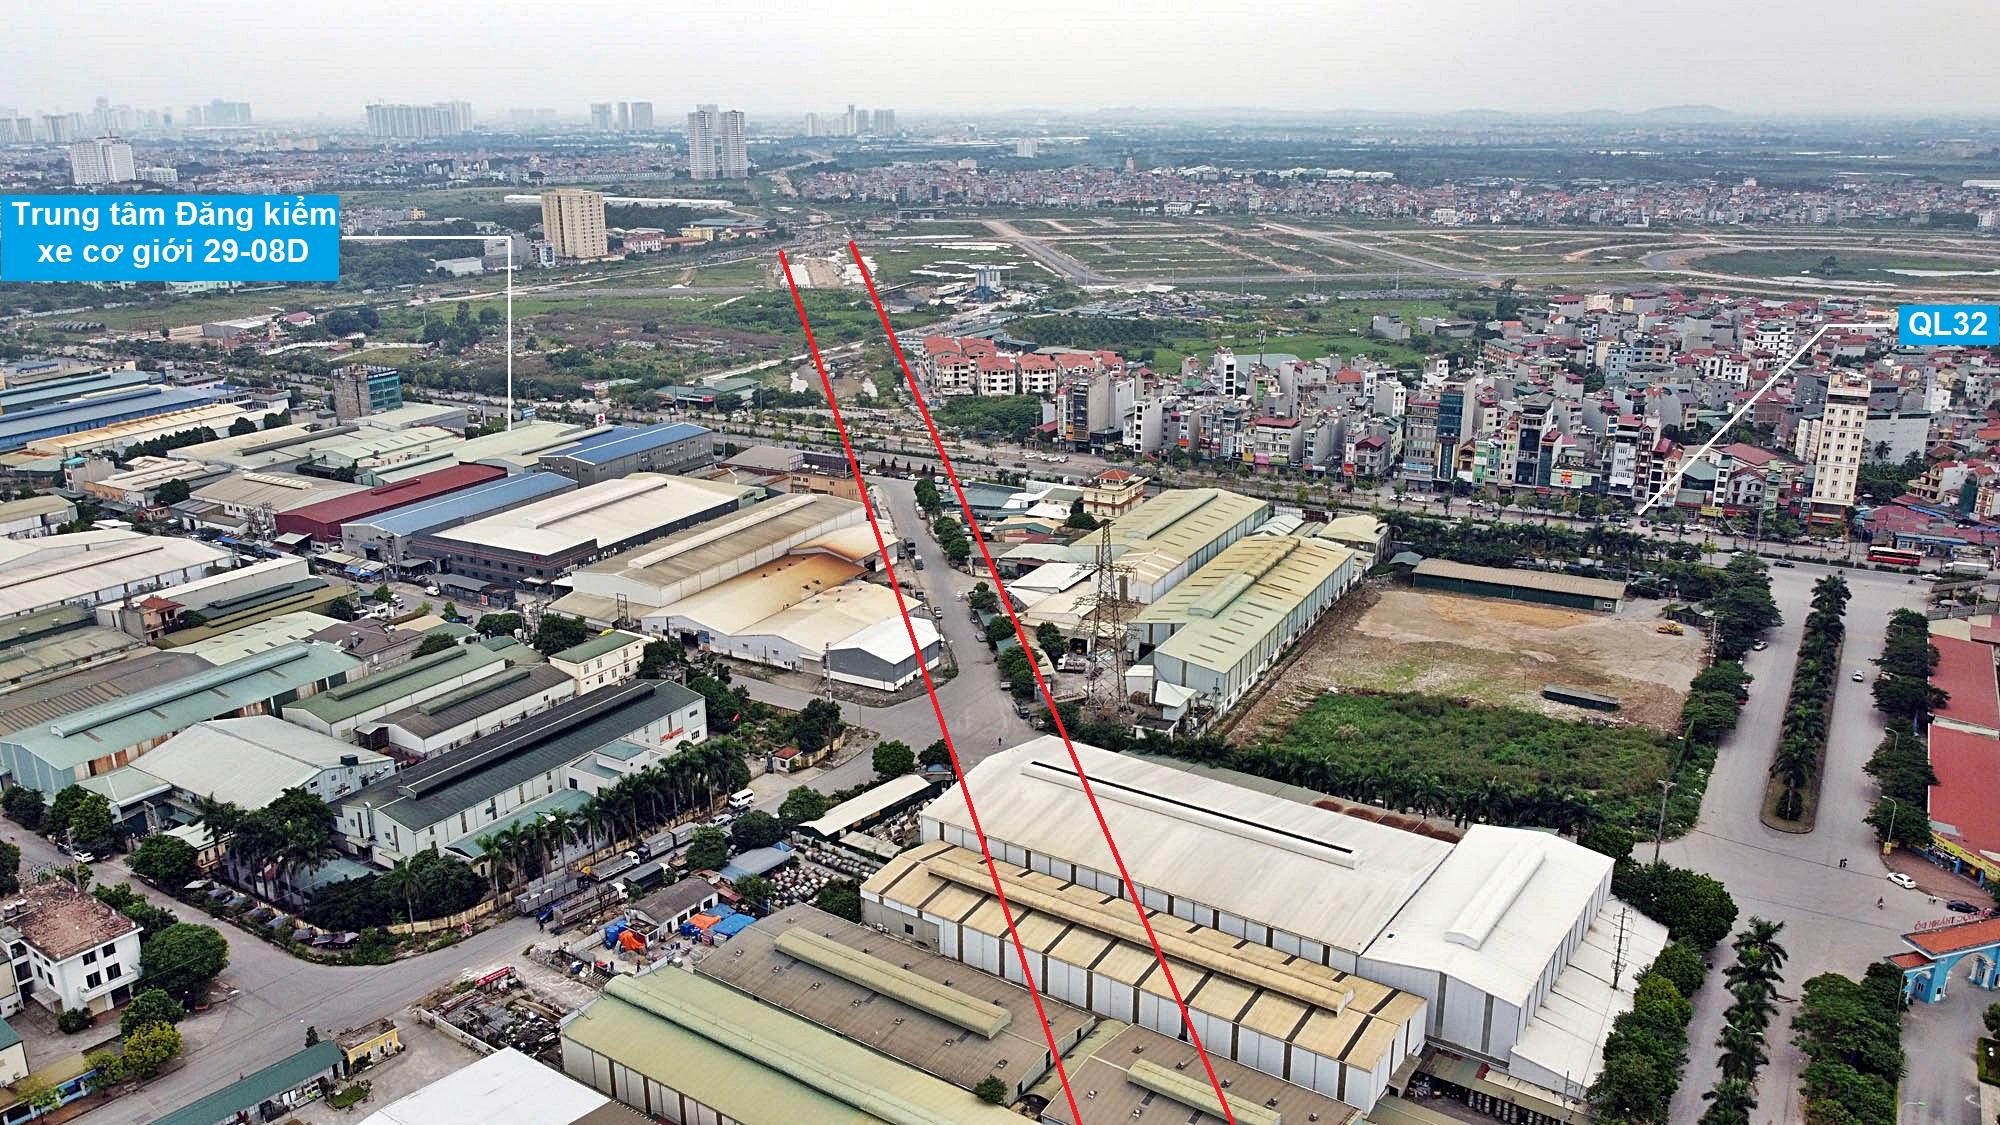 Toàn cảnh đường Vành đai 3,5 đang thi công qua huyện Hoài Đức, Hà Nội - Ảnh 13.